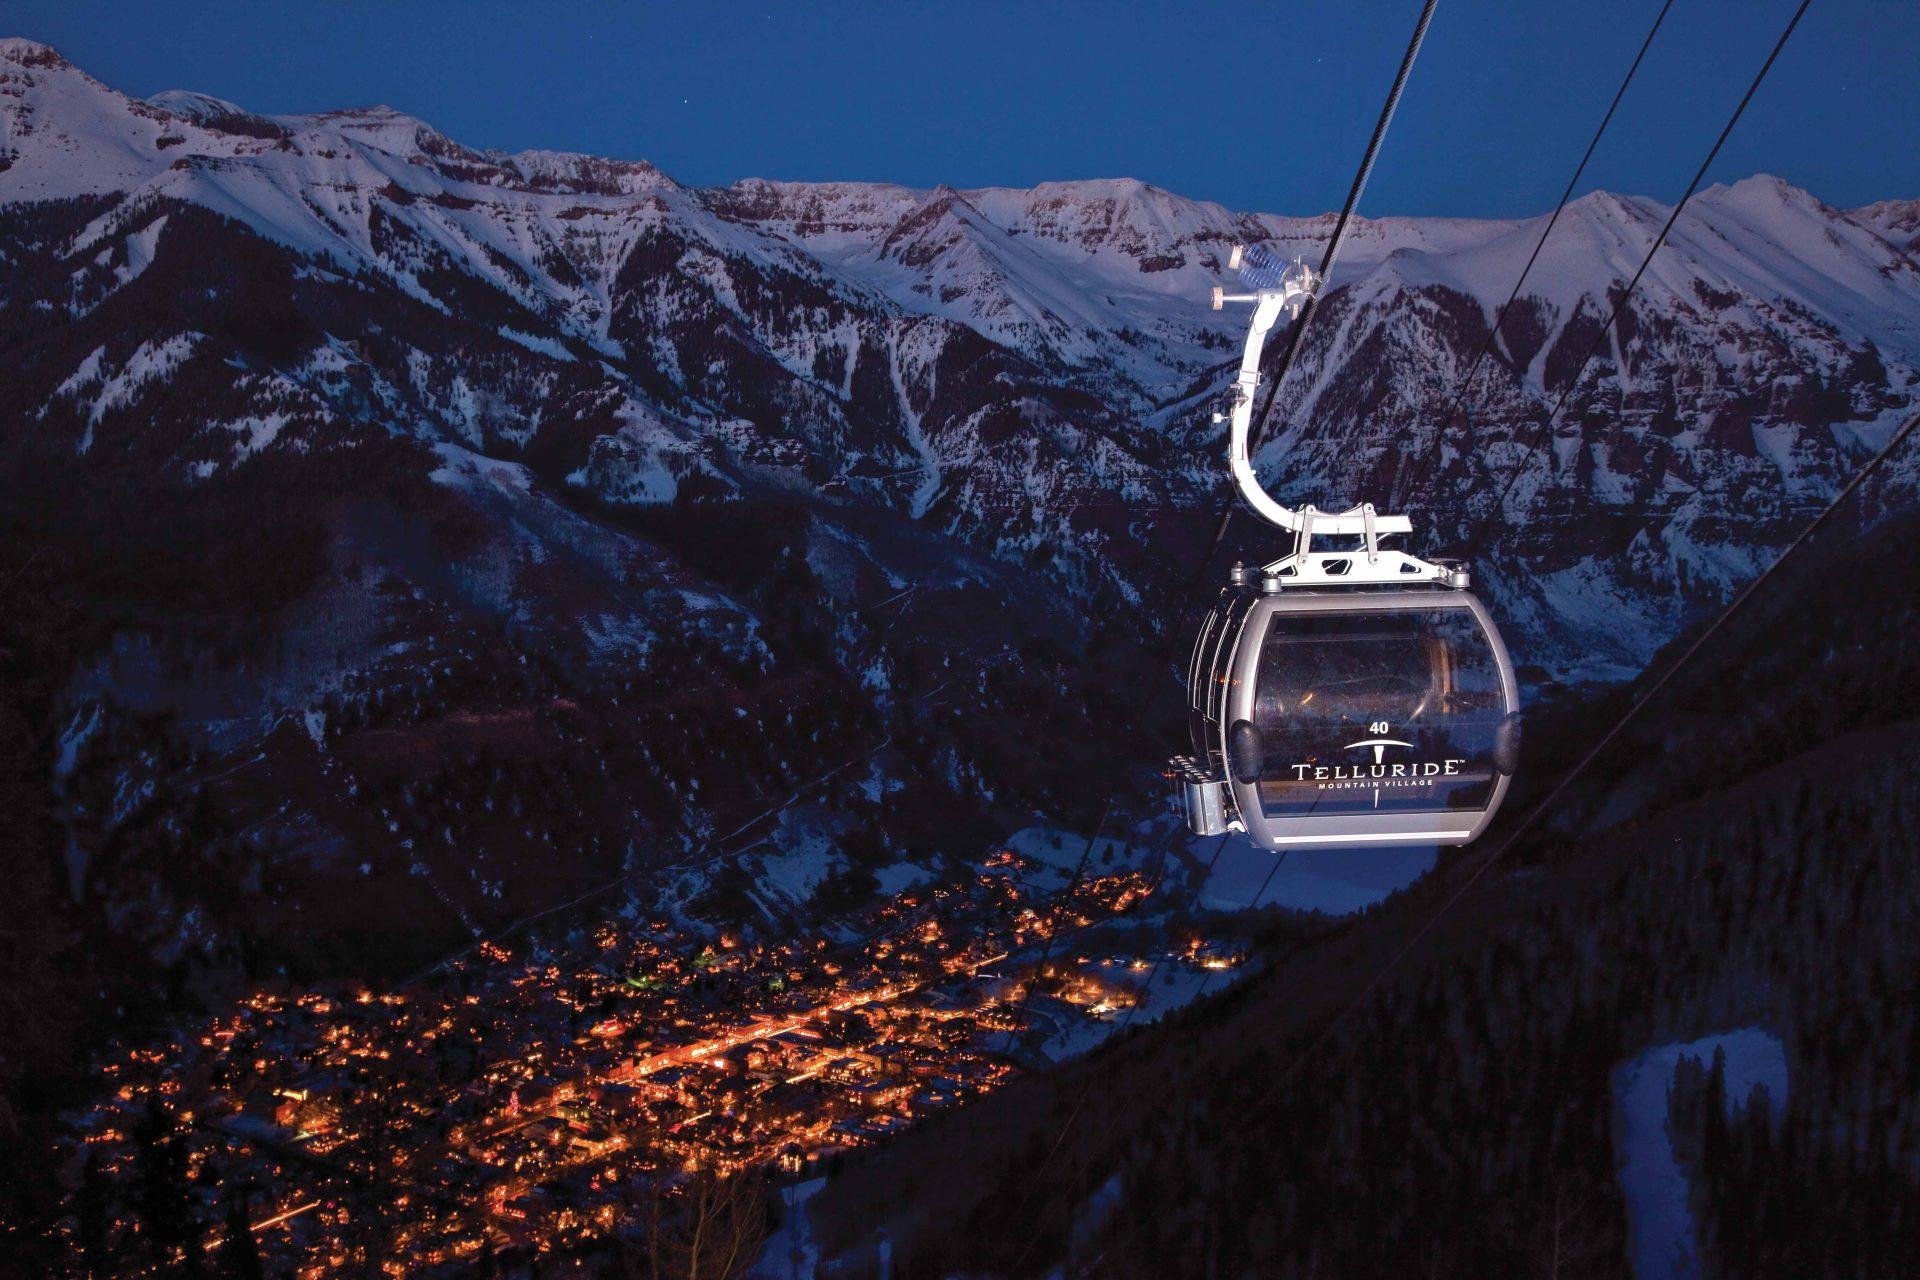 2-SnowBound-Gondola